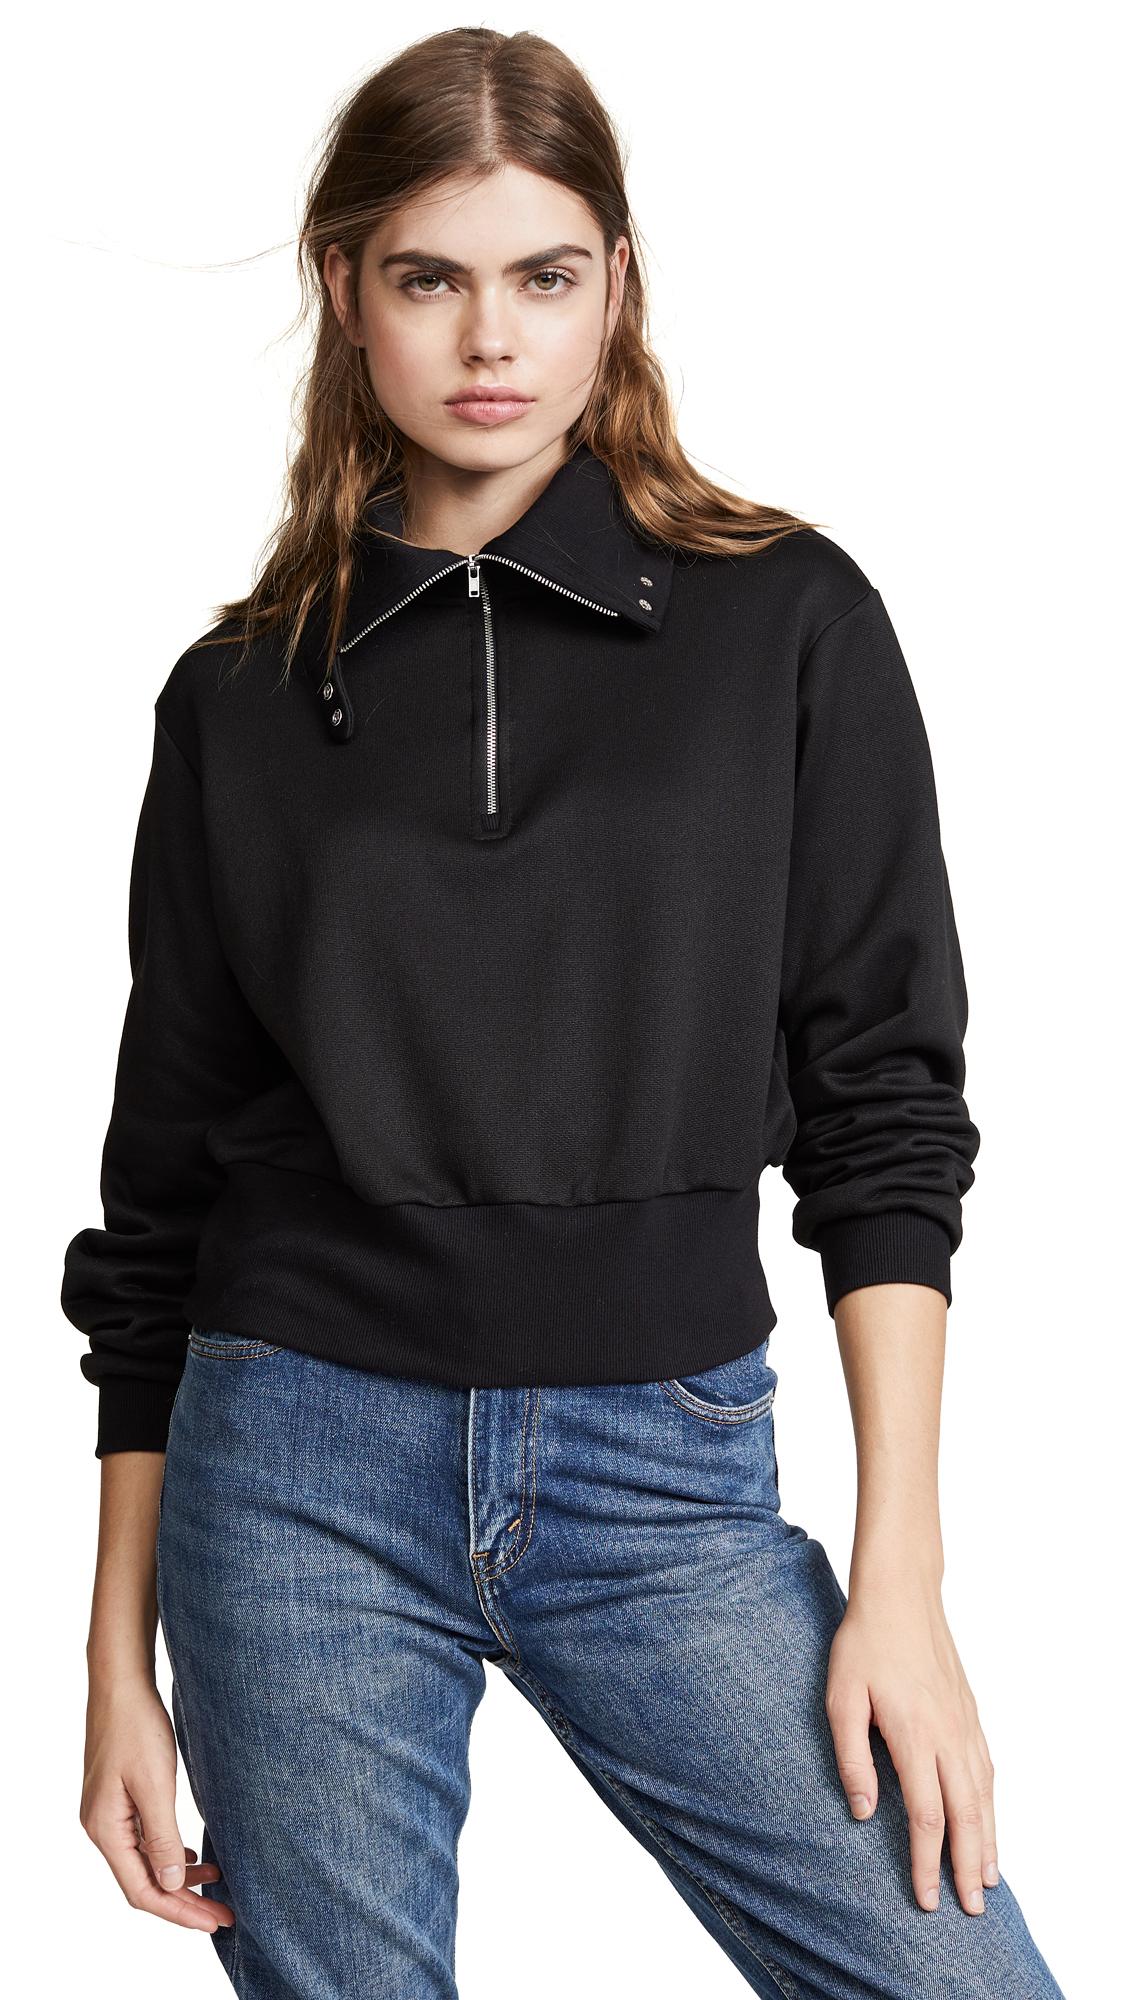 The Range Half Zip Pullover In Jet Black